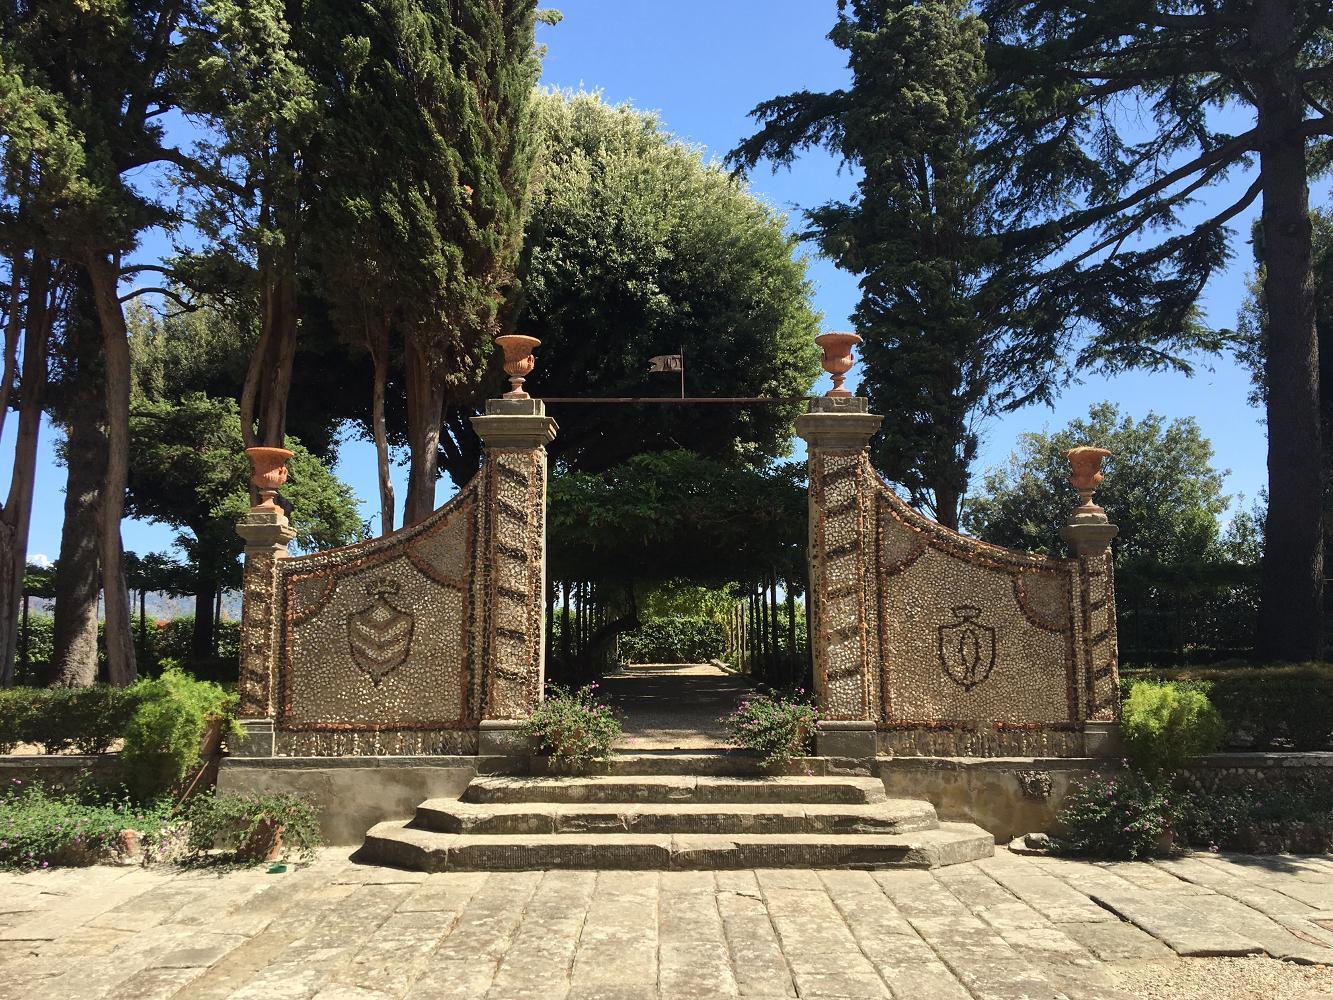 giardino villa medica cerreto guidi